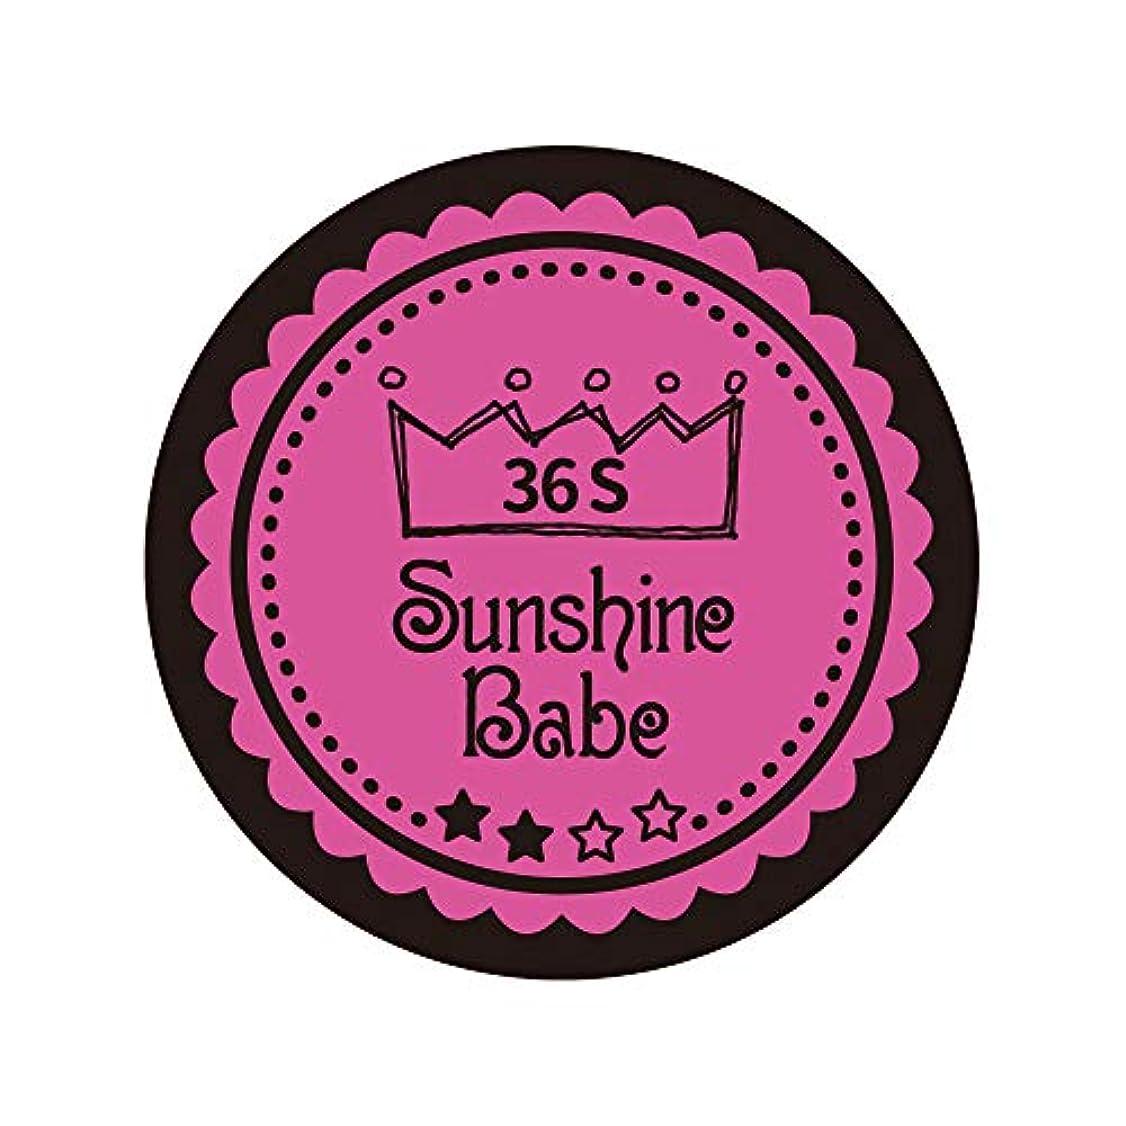 省極端な宣教師Sunshine Babe カラージェル 36S クロッカスピンク 2.7g UV/LED対応